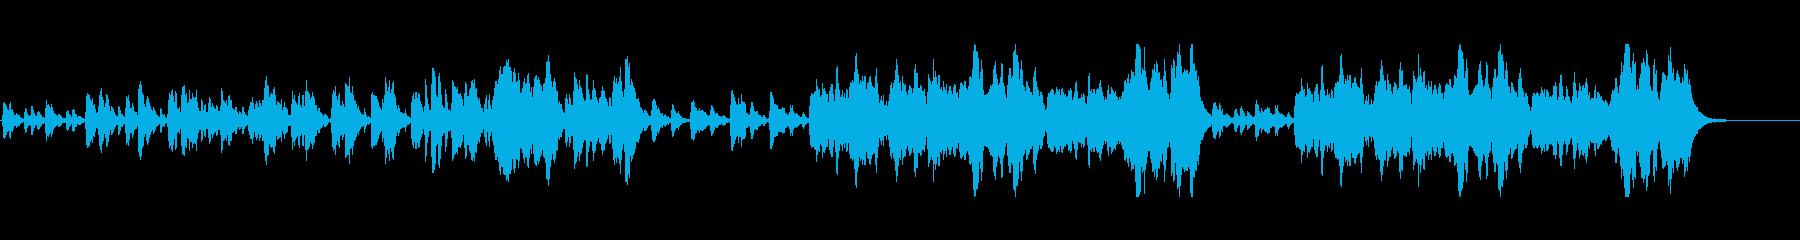 バレエ/ワルツ/明るい/春/1分30秒の再生済みの波形